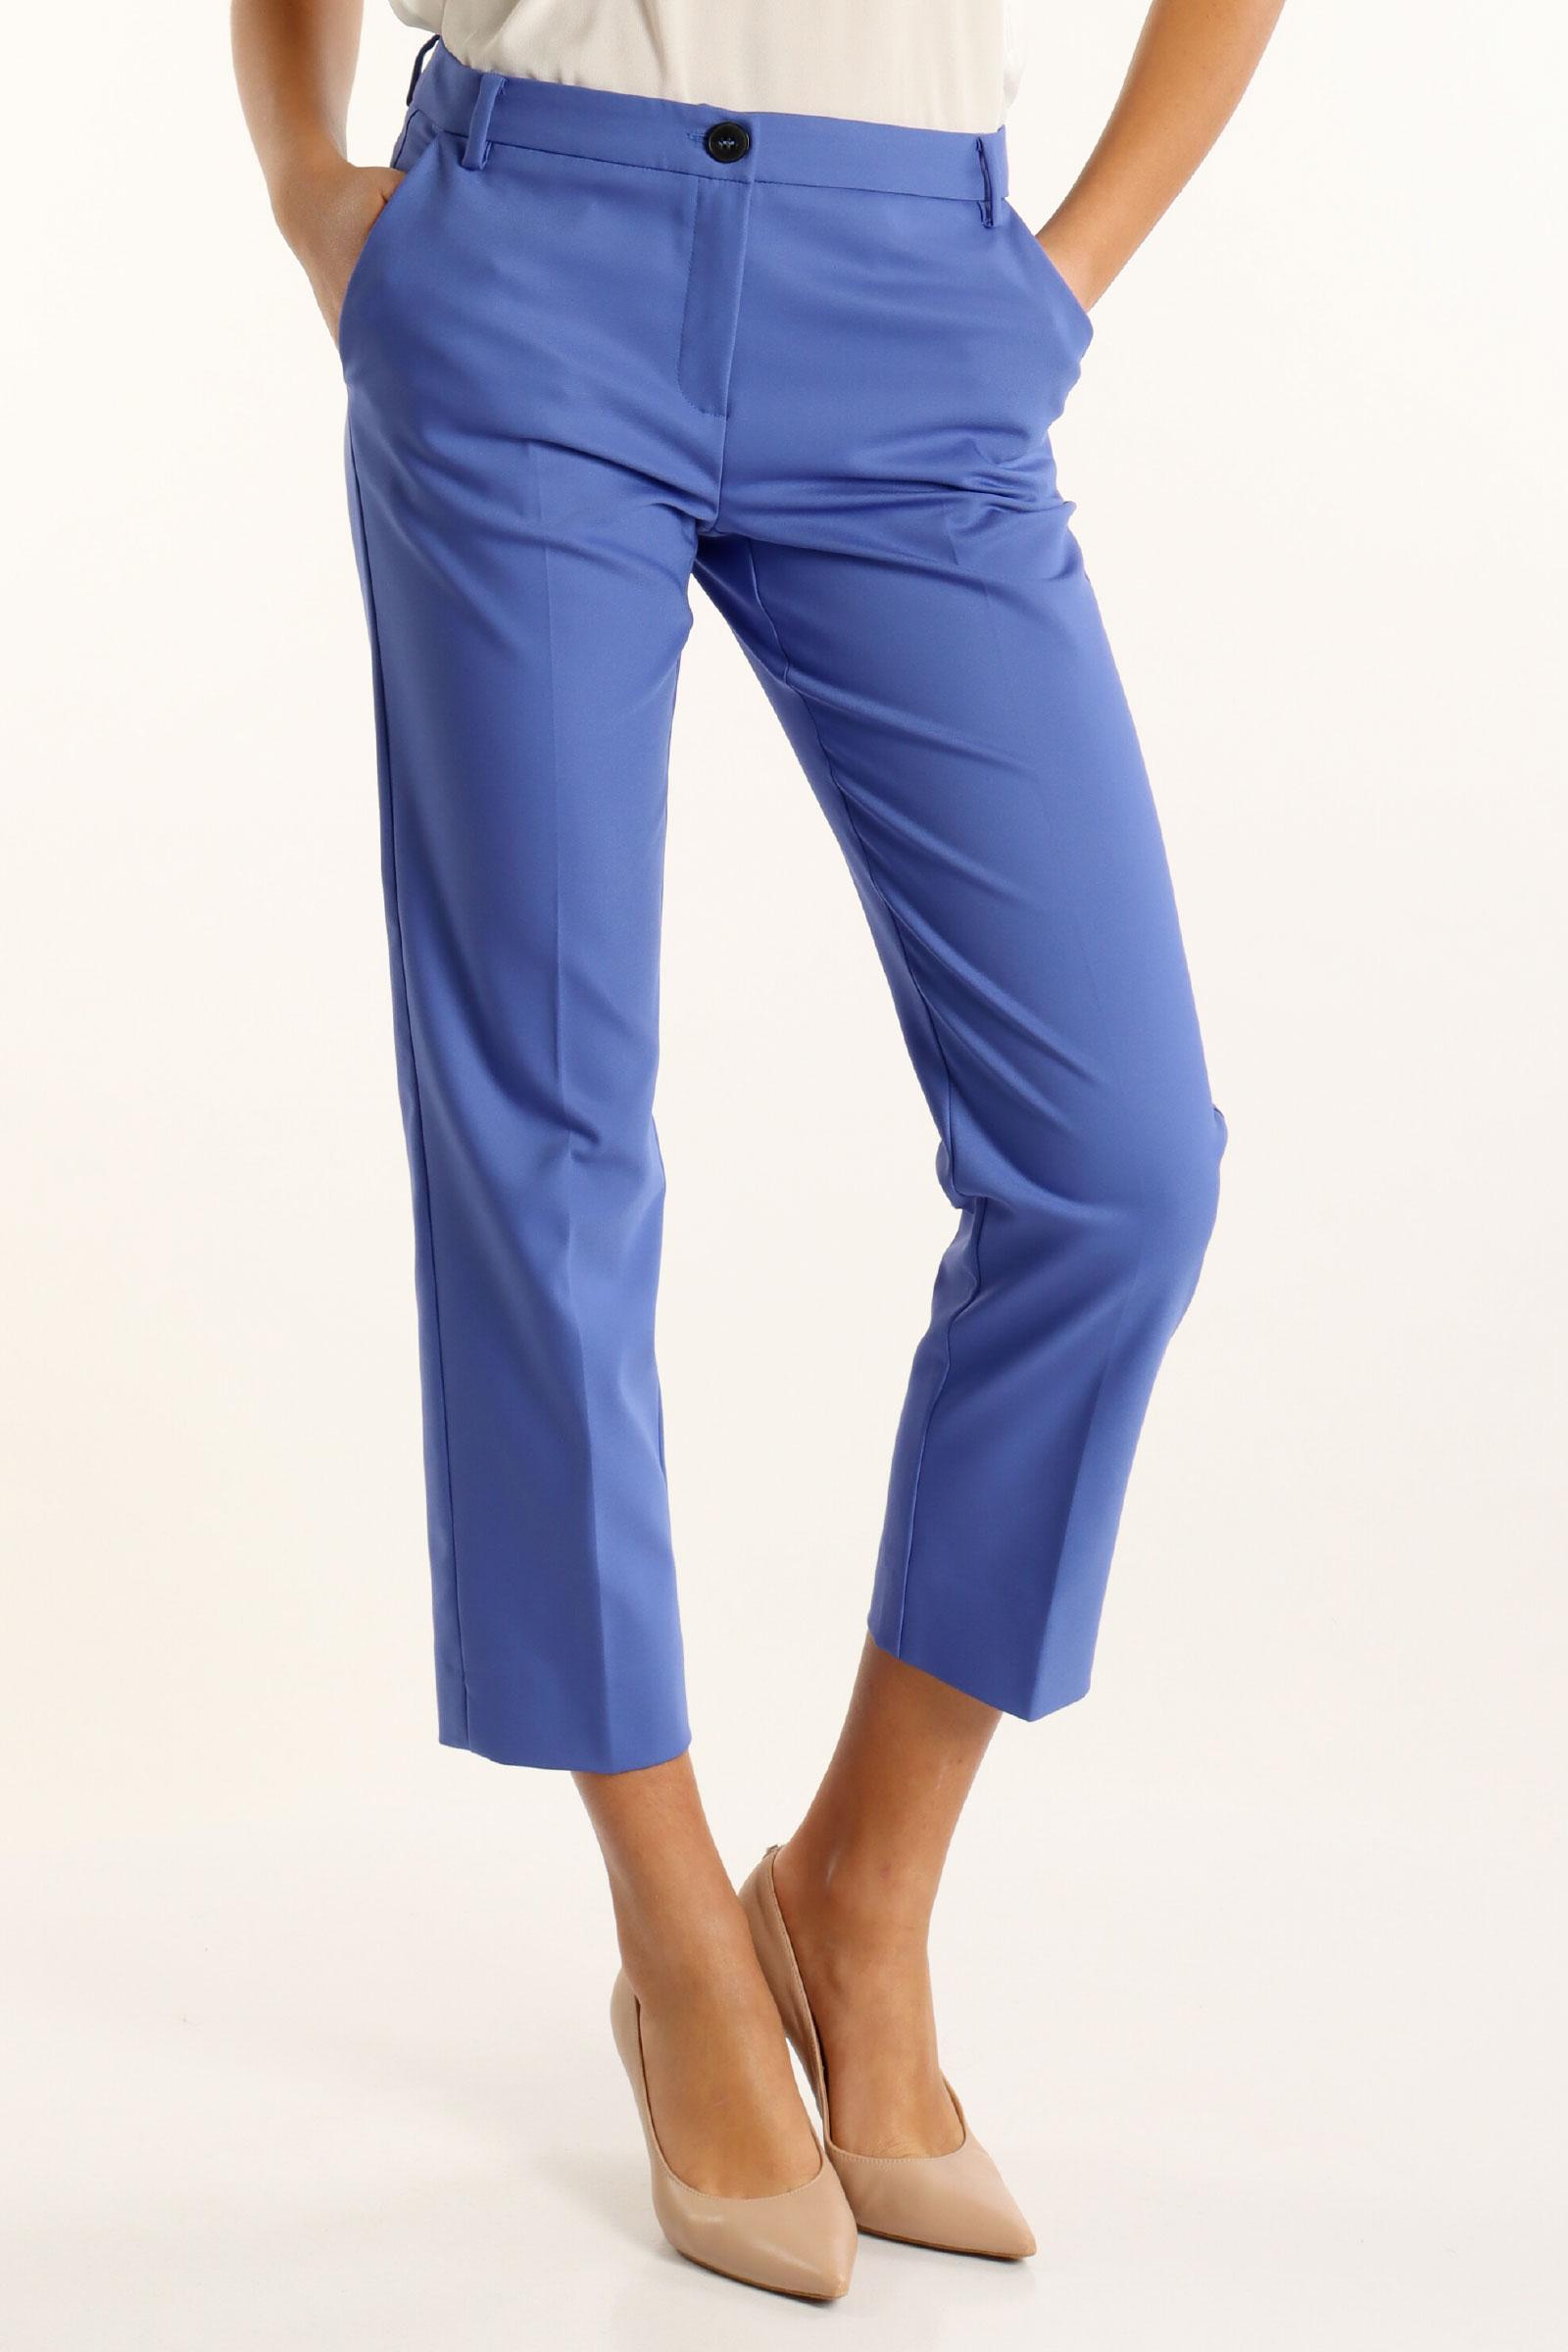 EMME MARELLA Pantalone Modello PERIM EMME MARELLA | Pantalone | 51311515000003